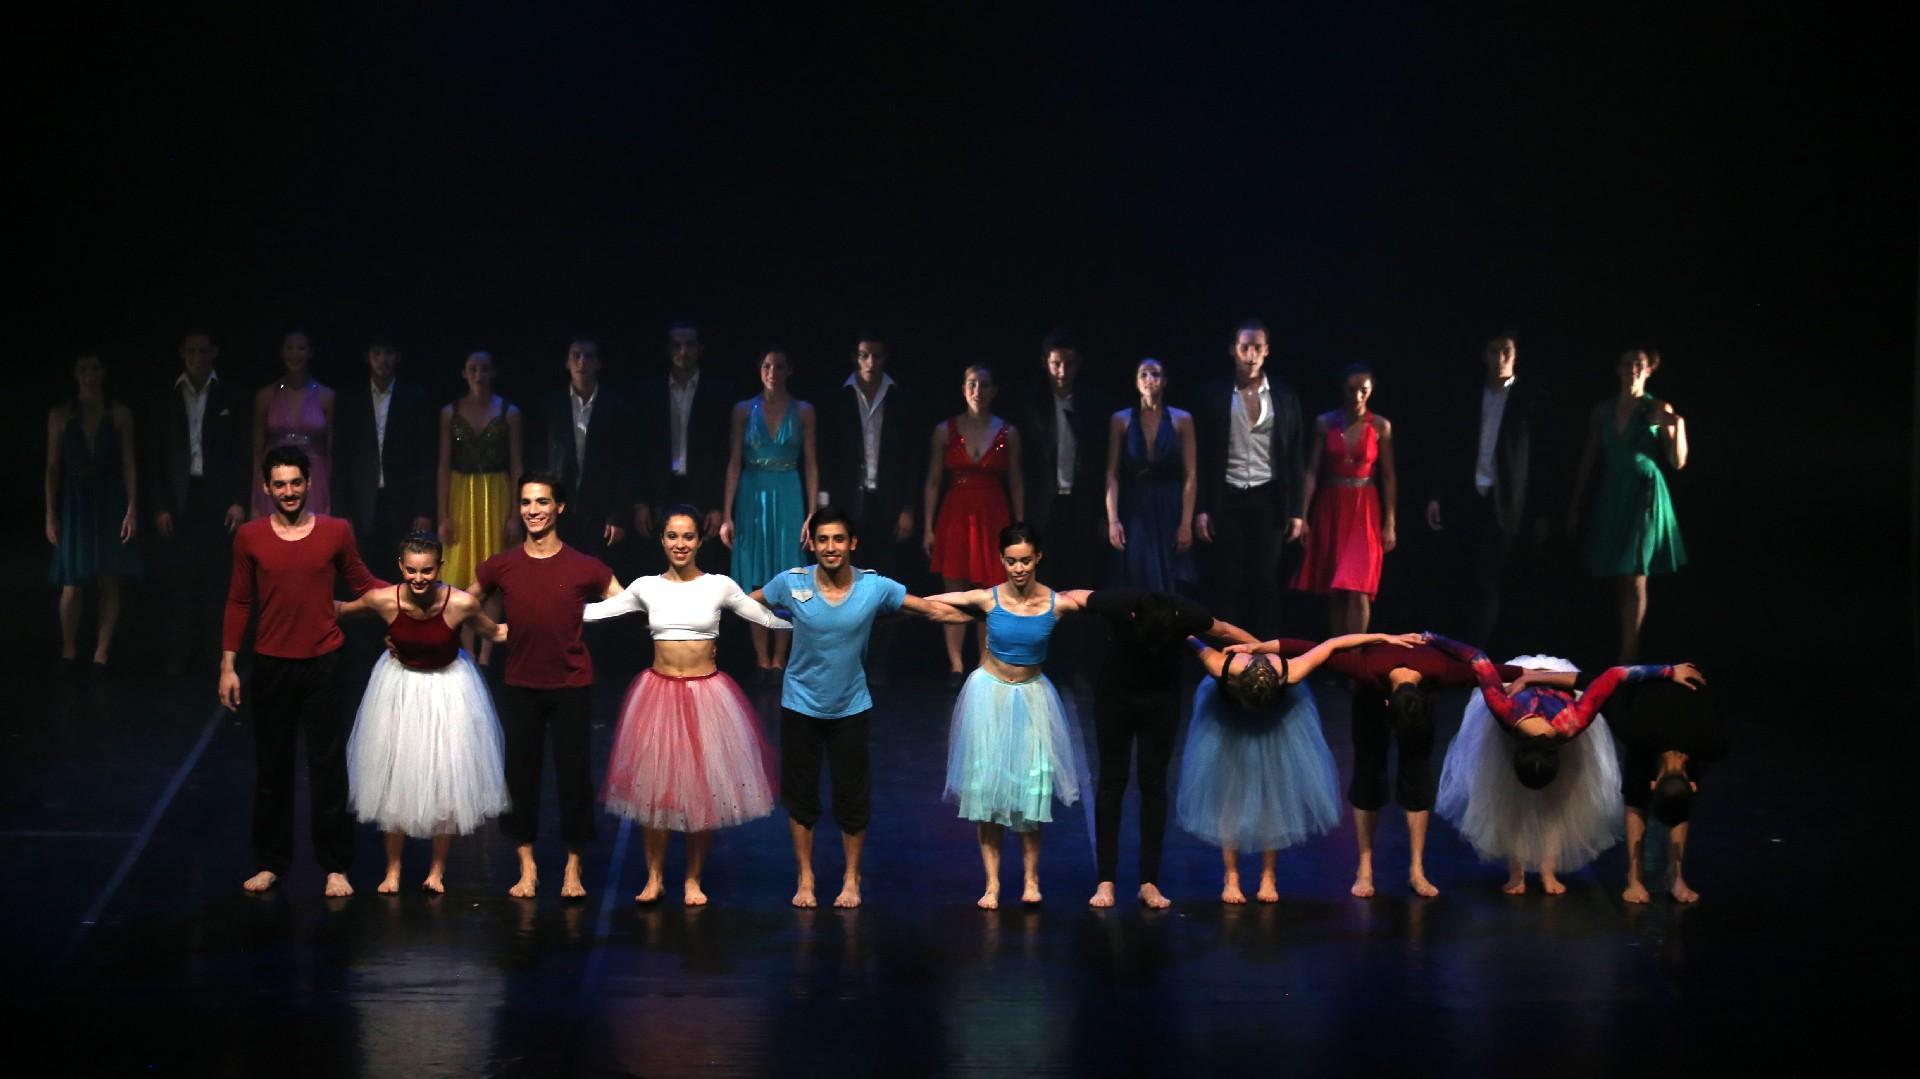 Elencos del Ballet Contemporáneo y del Taller de Danzas, surgidos en el seno del Teatro San Martín y próximos a cumplir cuatro décadas de formación, realizaron su intervención gracias a la iniciativa de la Fundación y a empresas privadas que, a través de la ley de Mecenazgo, brindan su apoyo